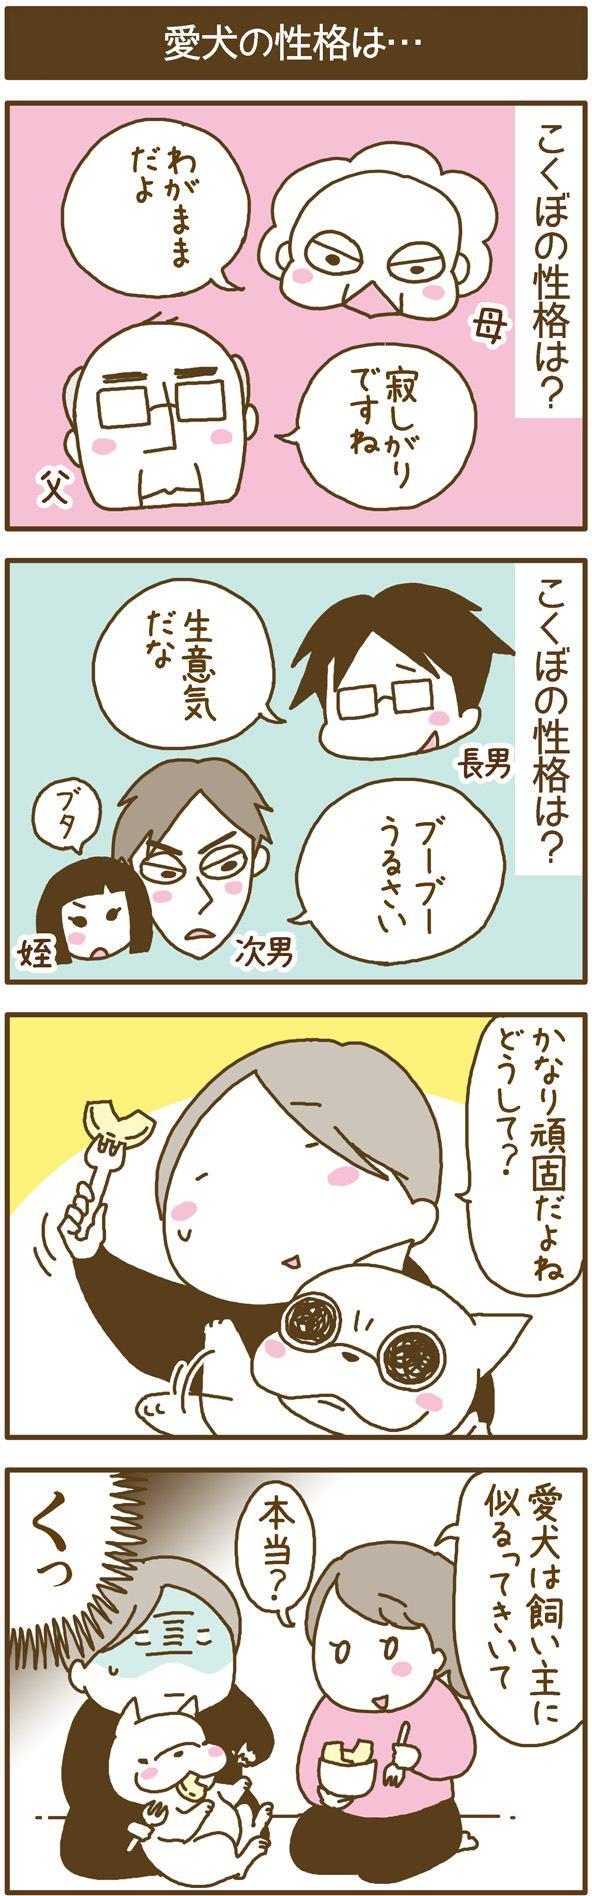 フレブルこくぼ第31話